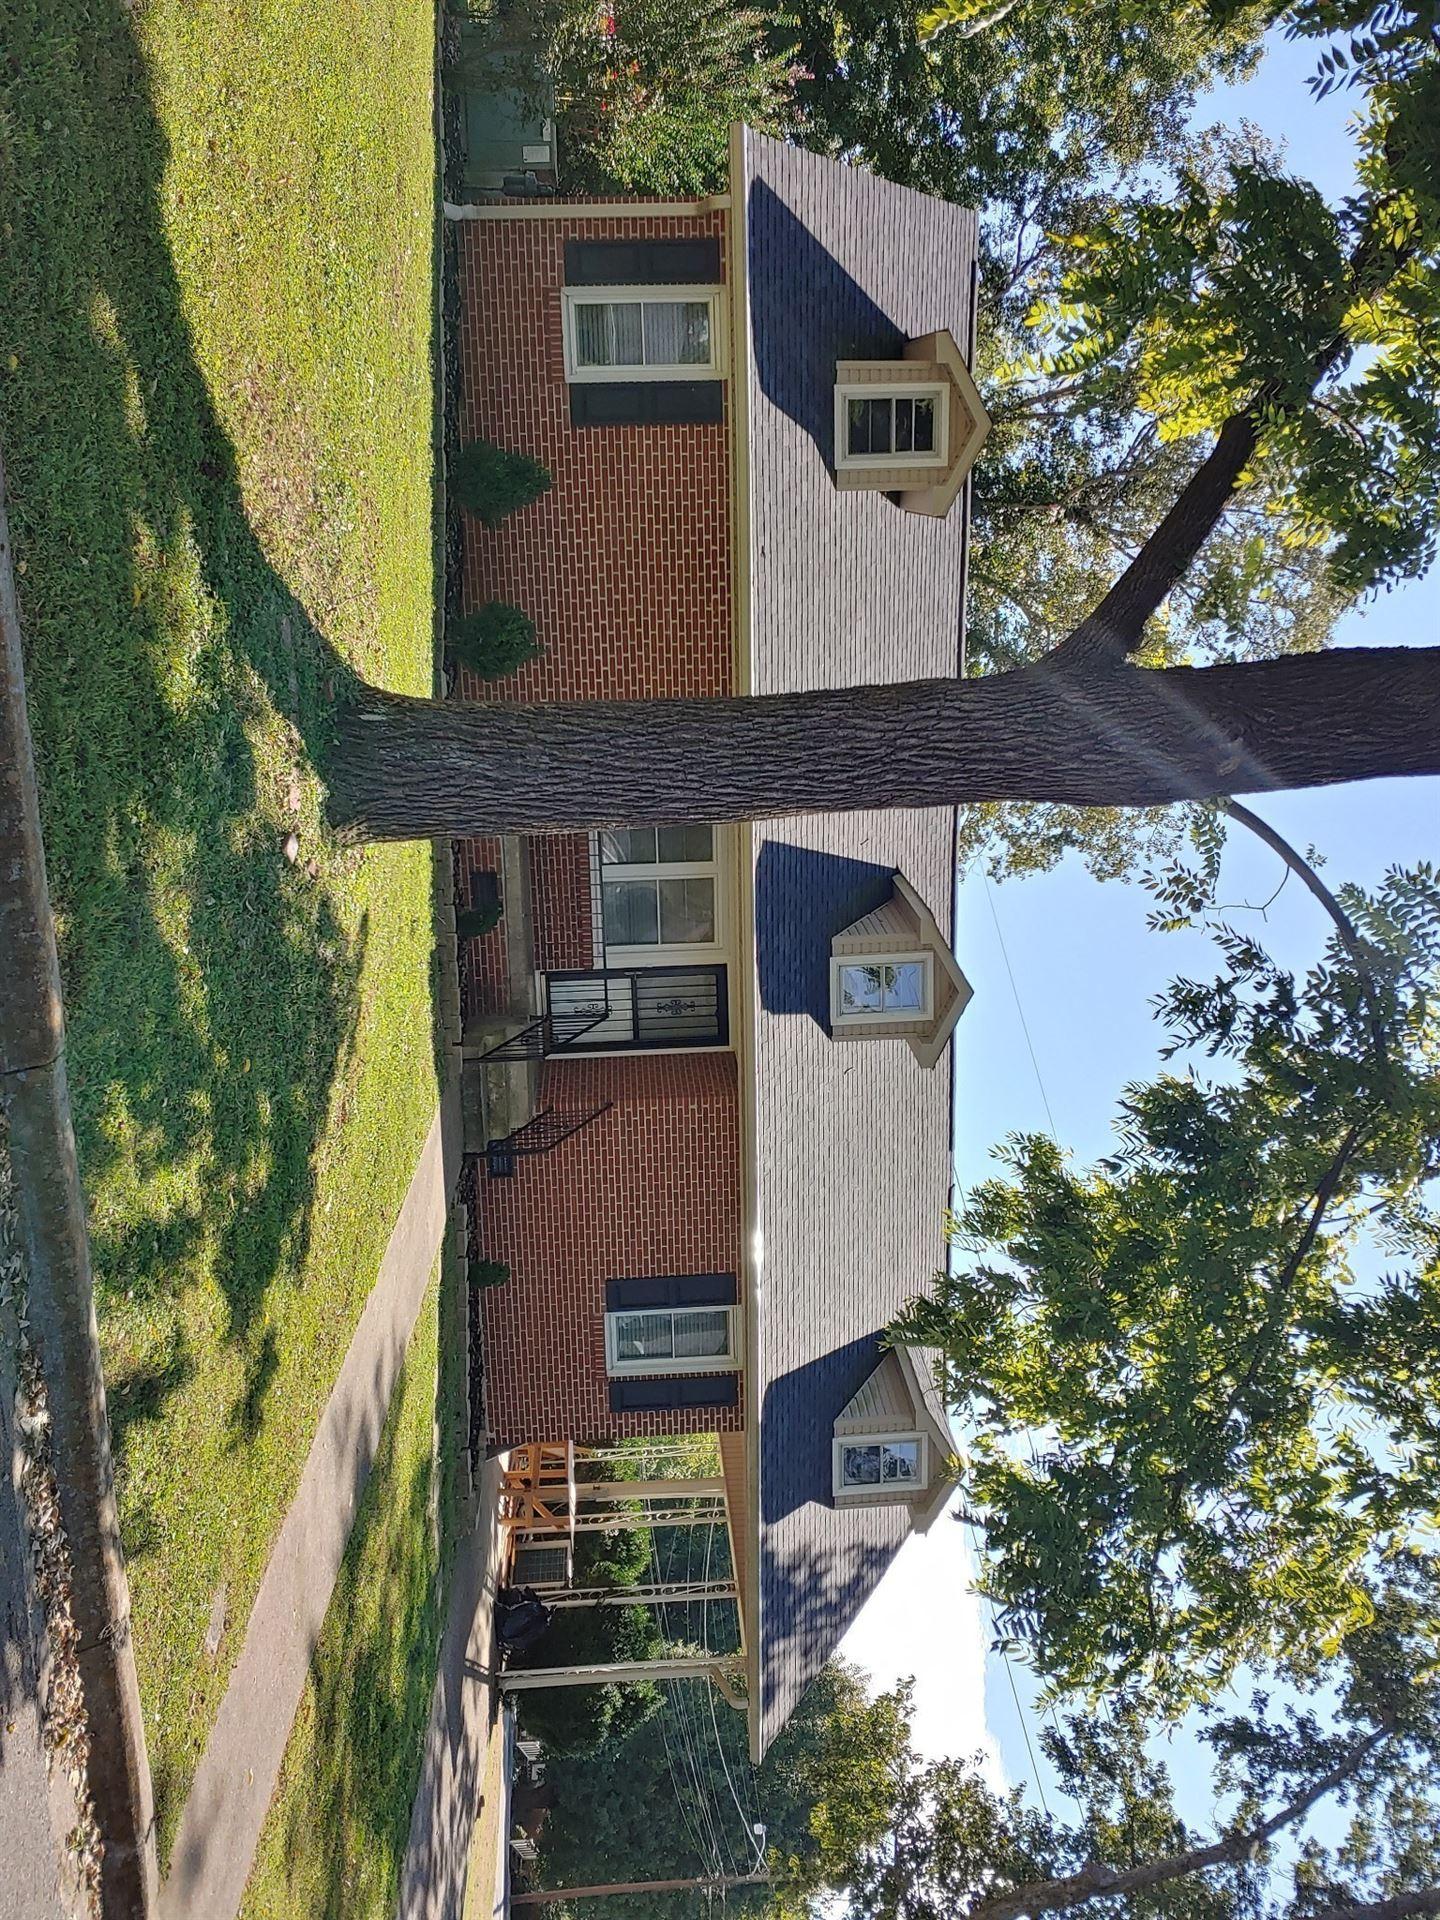 Photo of 525 Elm St, Pulaski, TN 38478 (MLS # 2195795)